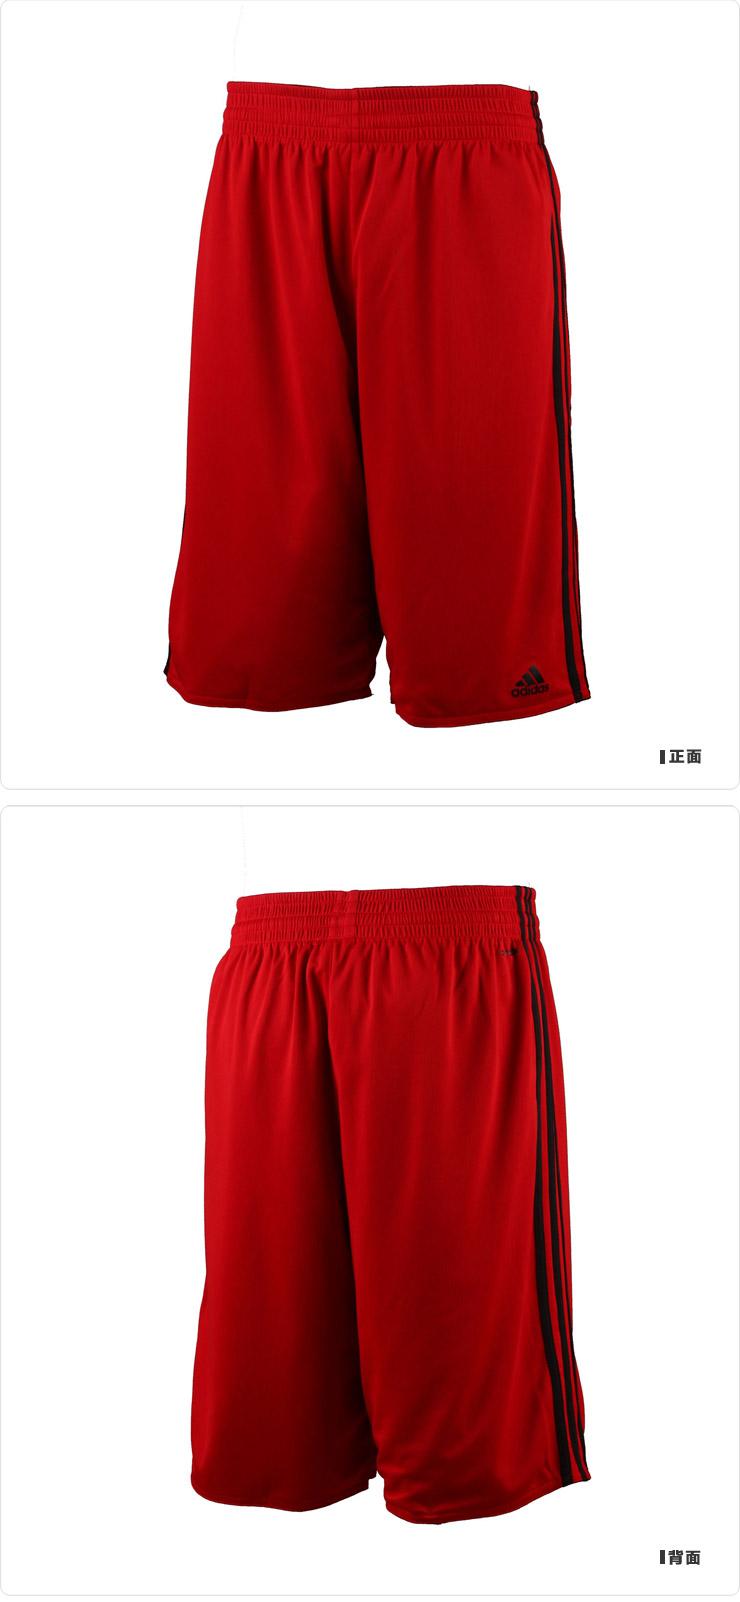 阿迪达斯adidas正品运动服男装篮球团队速干排汗运动短裤Z20096